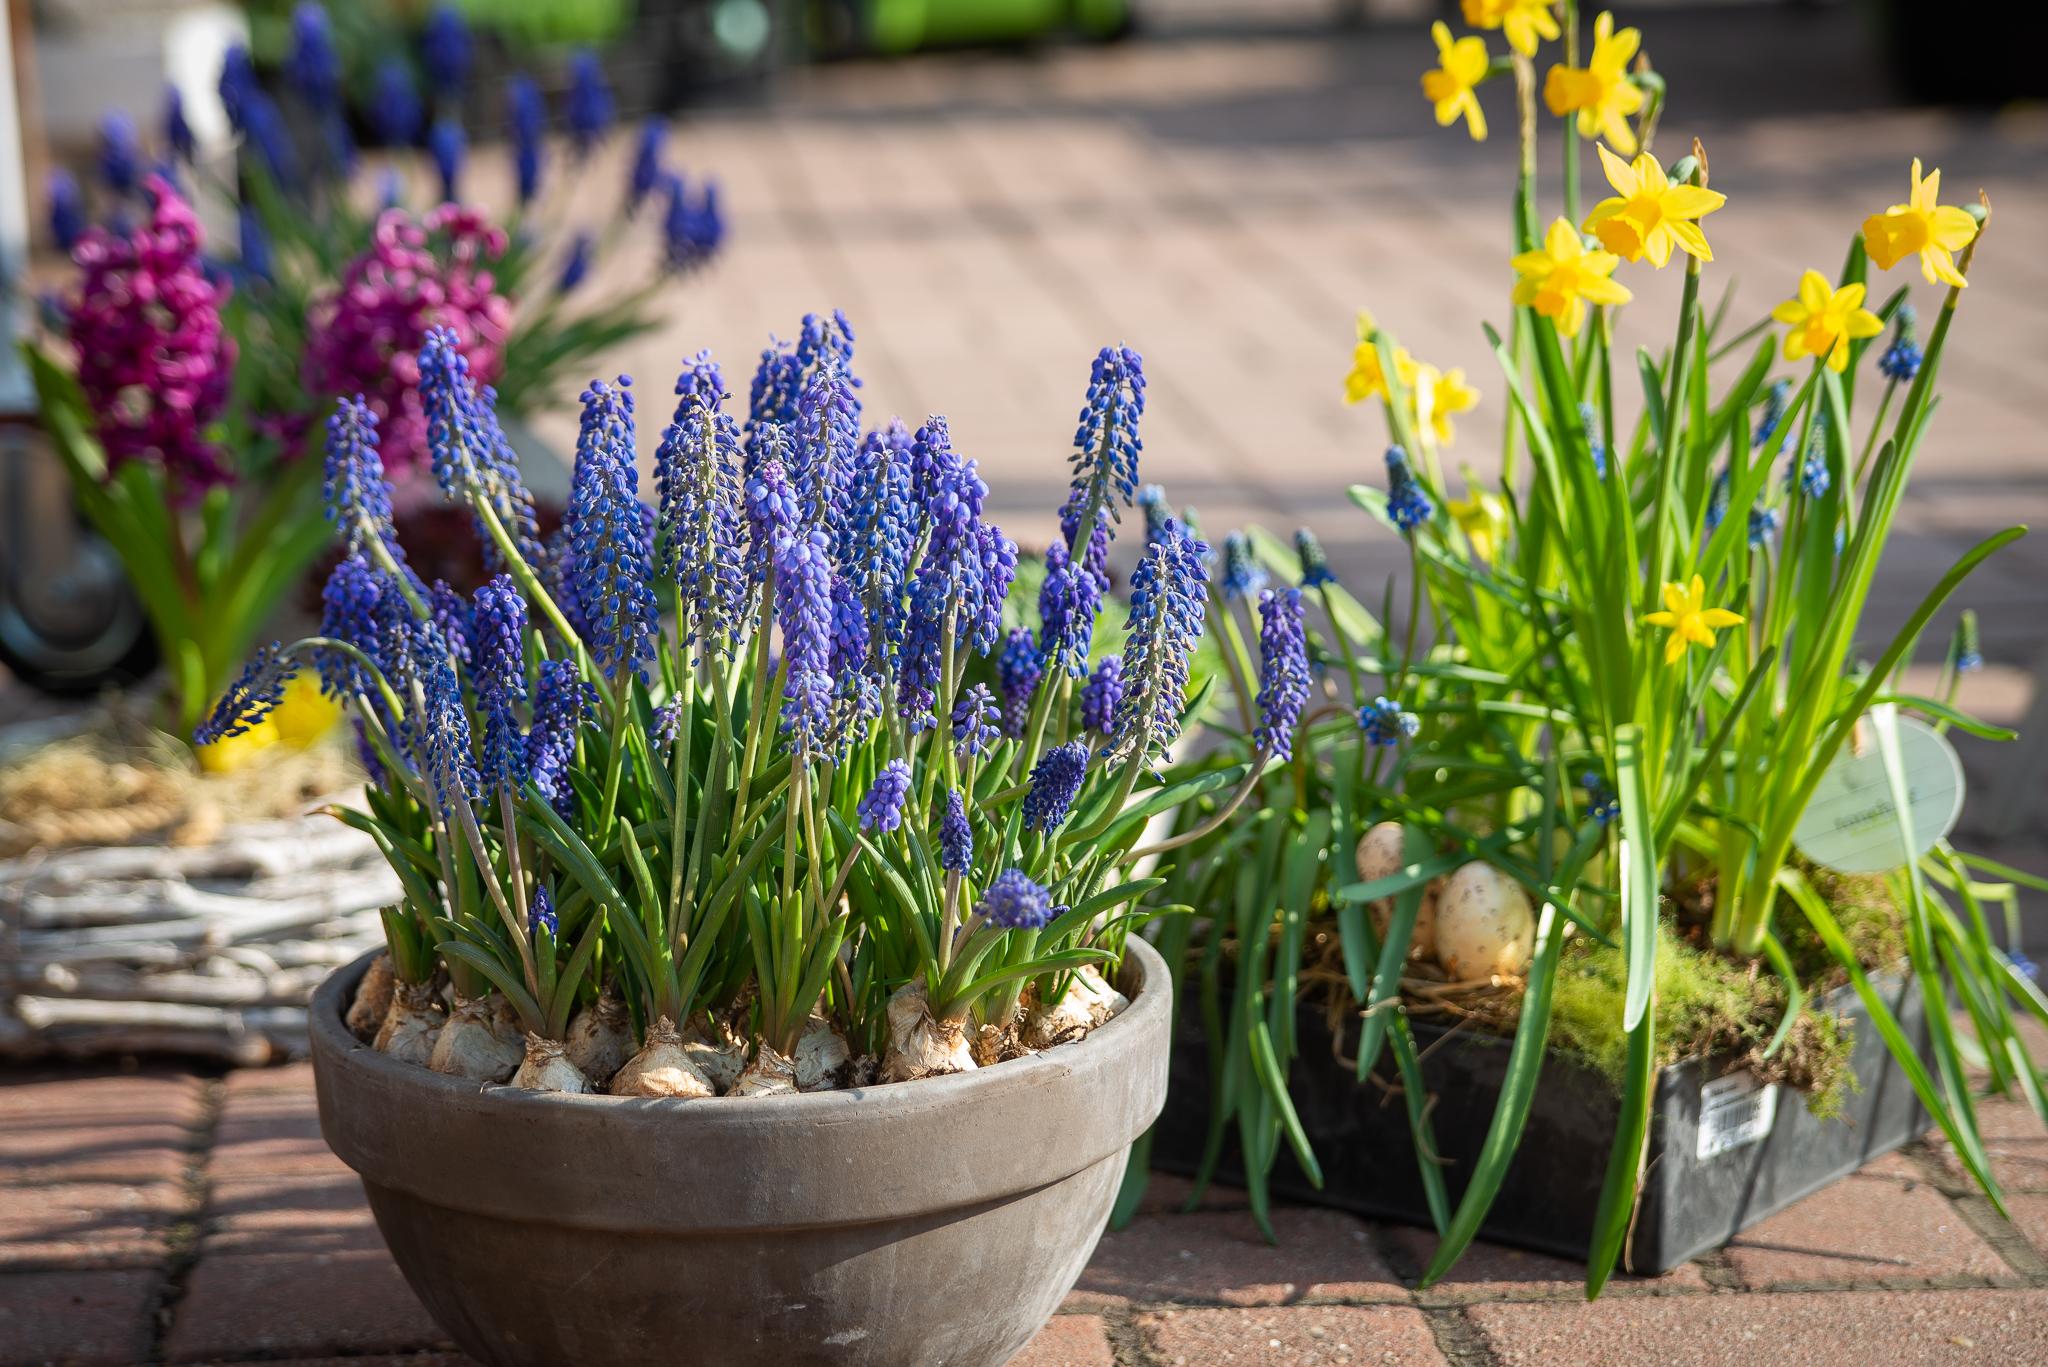 Velikonoce ve Flora centru: jarní aranžmá, truhlíky, dekorace!